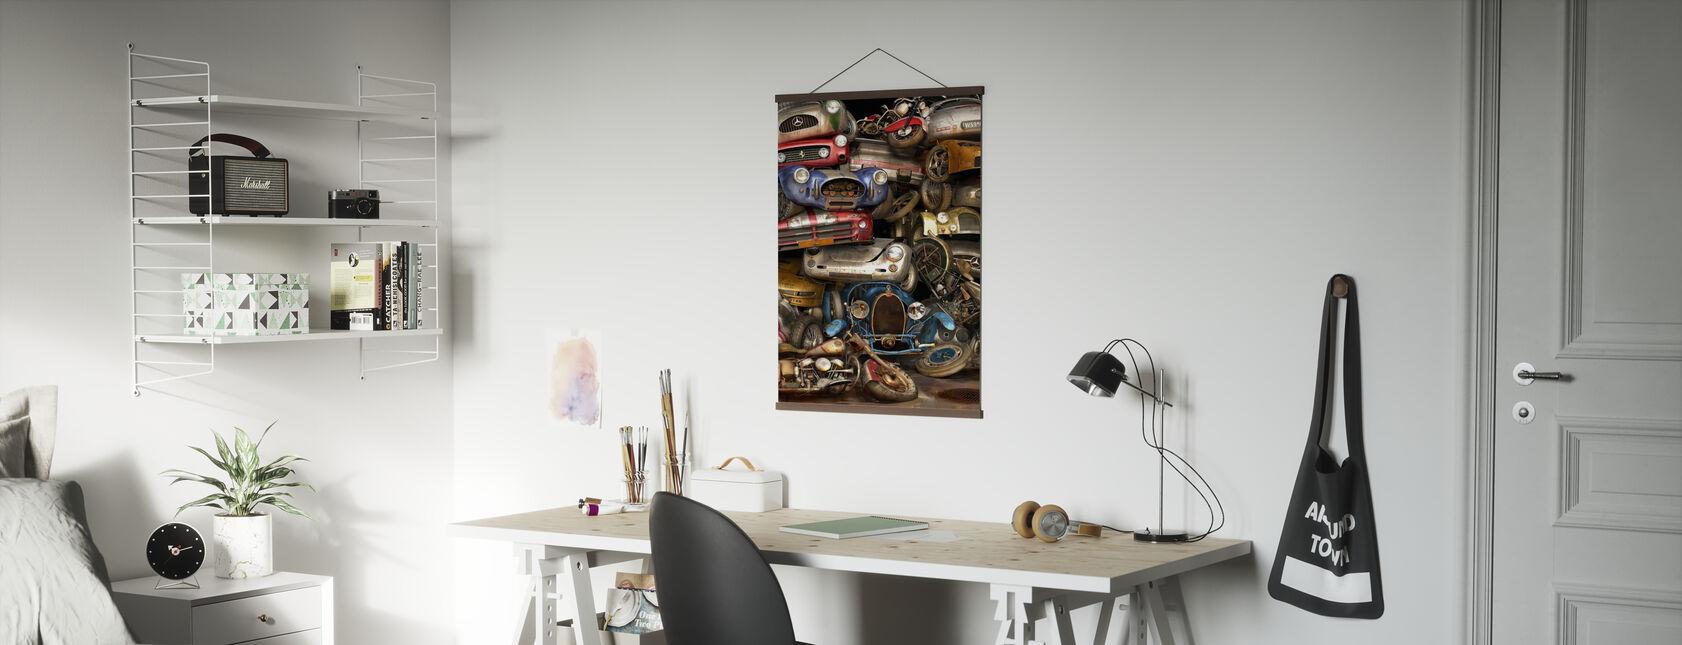 Resirkulering - Plakat - Kontor